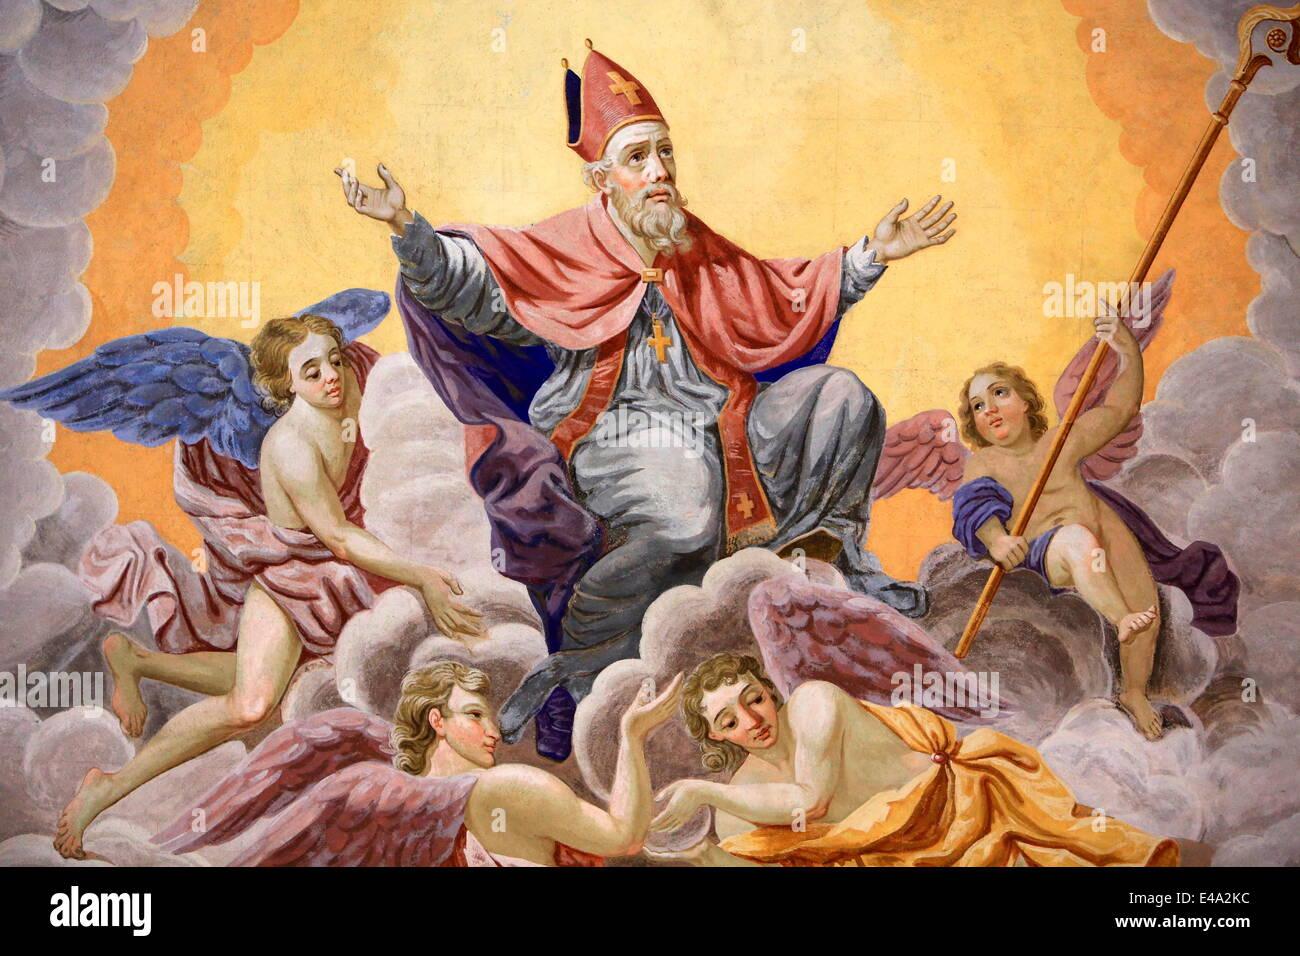 Saint Nicolas monte au ciel, l'évêque de Myra, Vie de Saint Nicolas, Saint Nicolas de Veroce, église Photo Stock